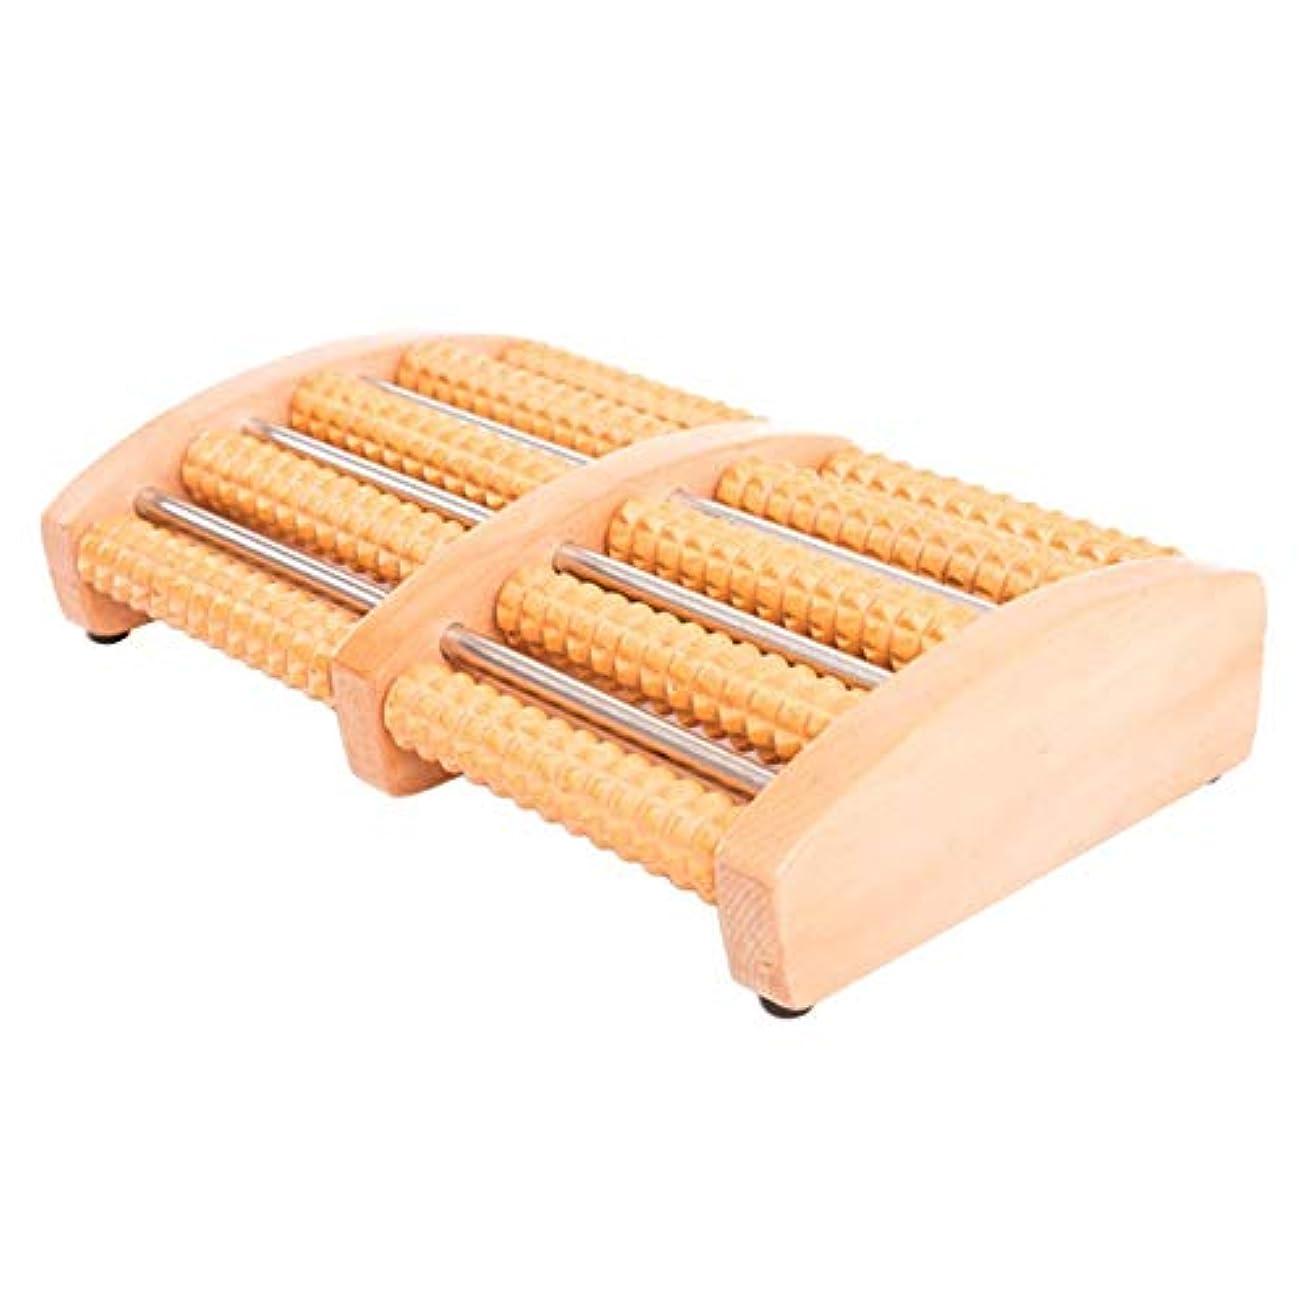 名門クロス歪めるColdwhite フットマッサージローラー、足のアーチの痛みと足底筋膜炎筋肉ローラースティック、リラクゼーションとストレス解消のための指圧リフレクソロジーツール(木製ローラー)